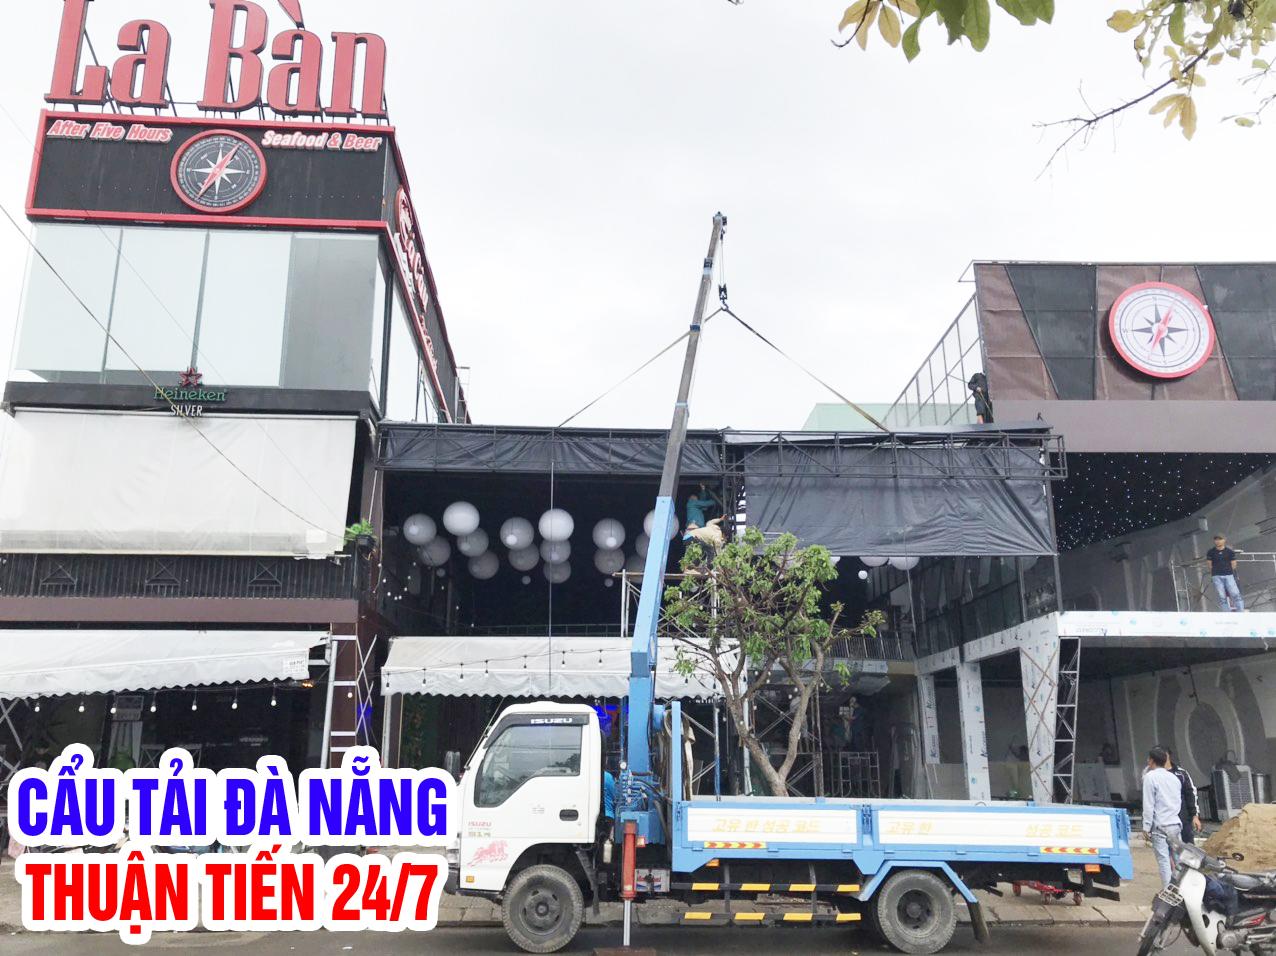 Thuê xe cẩu Đà Nẵng